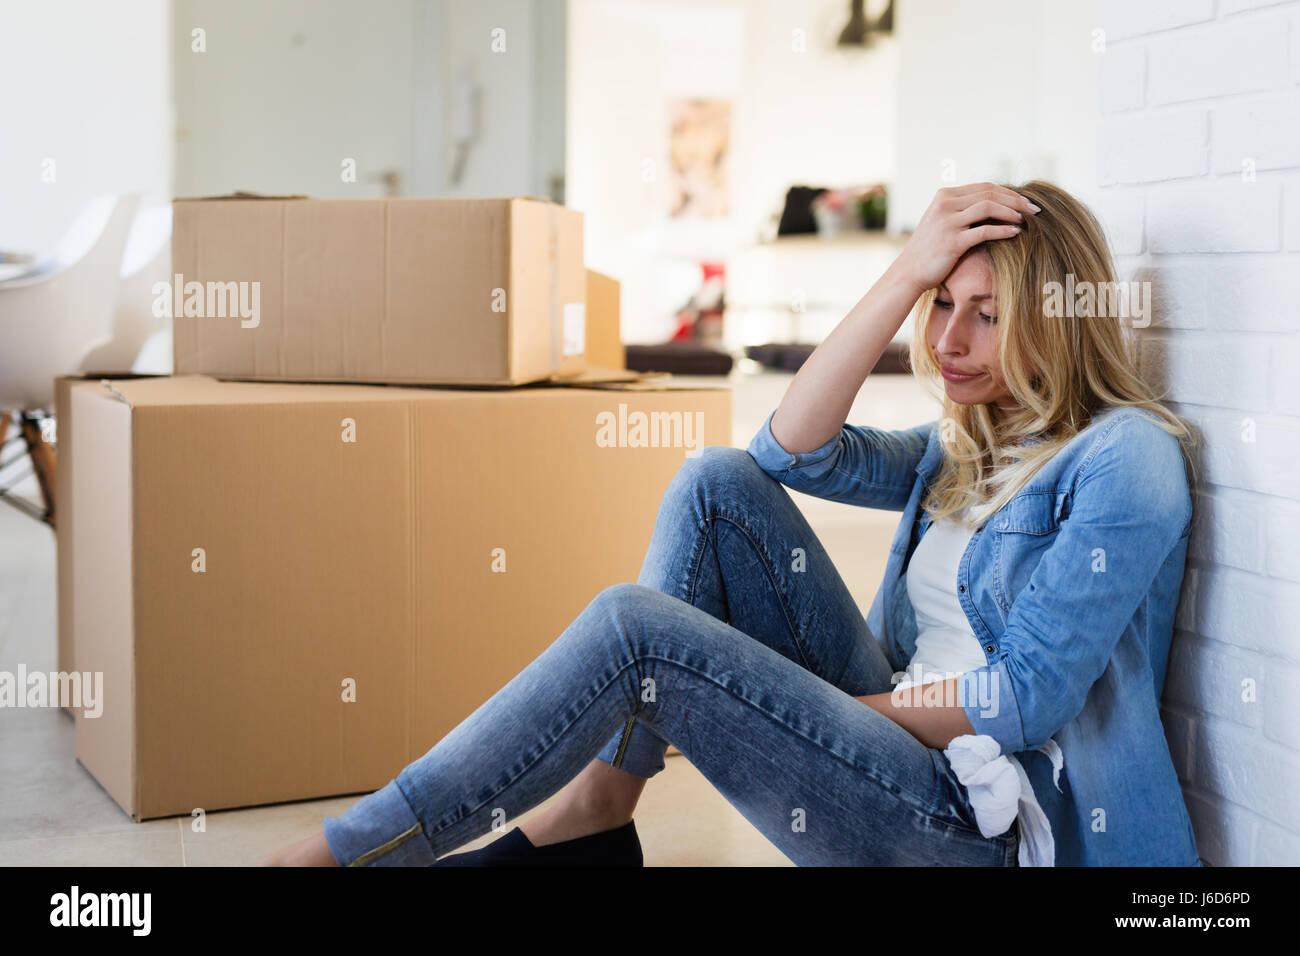 Müde Frau erschöpft beim Umzug in neues Zuhause Stockfoto